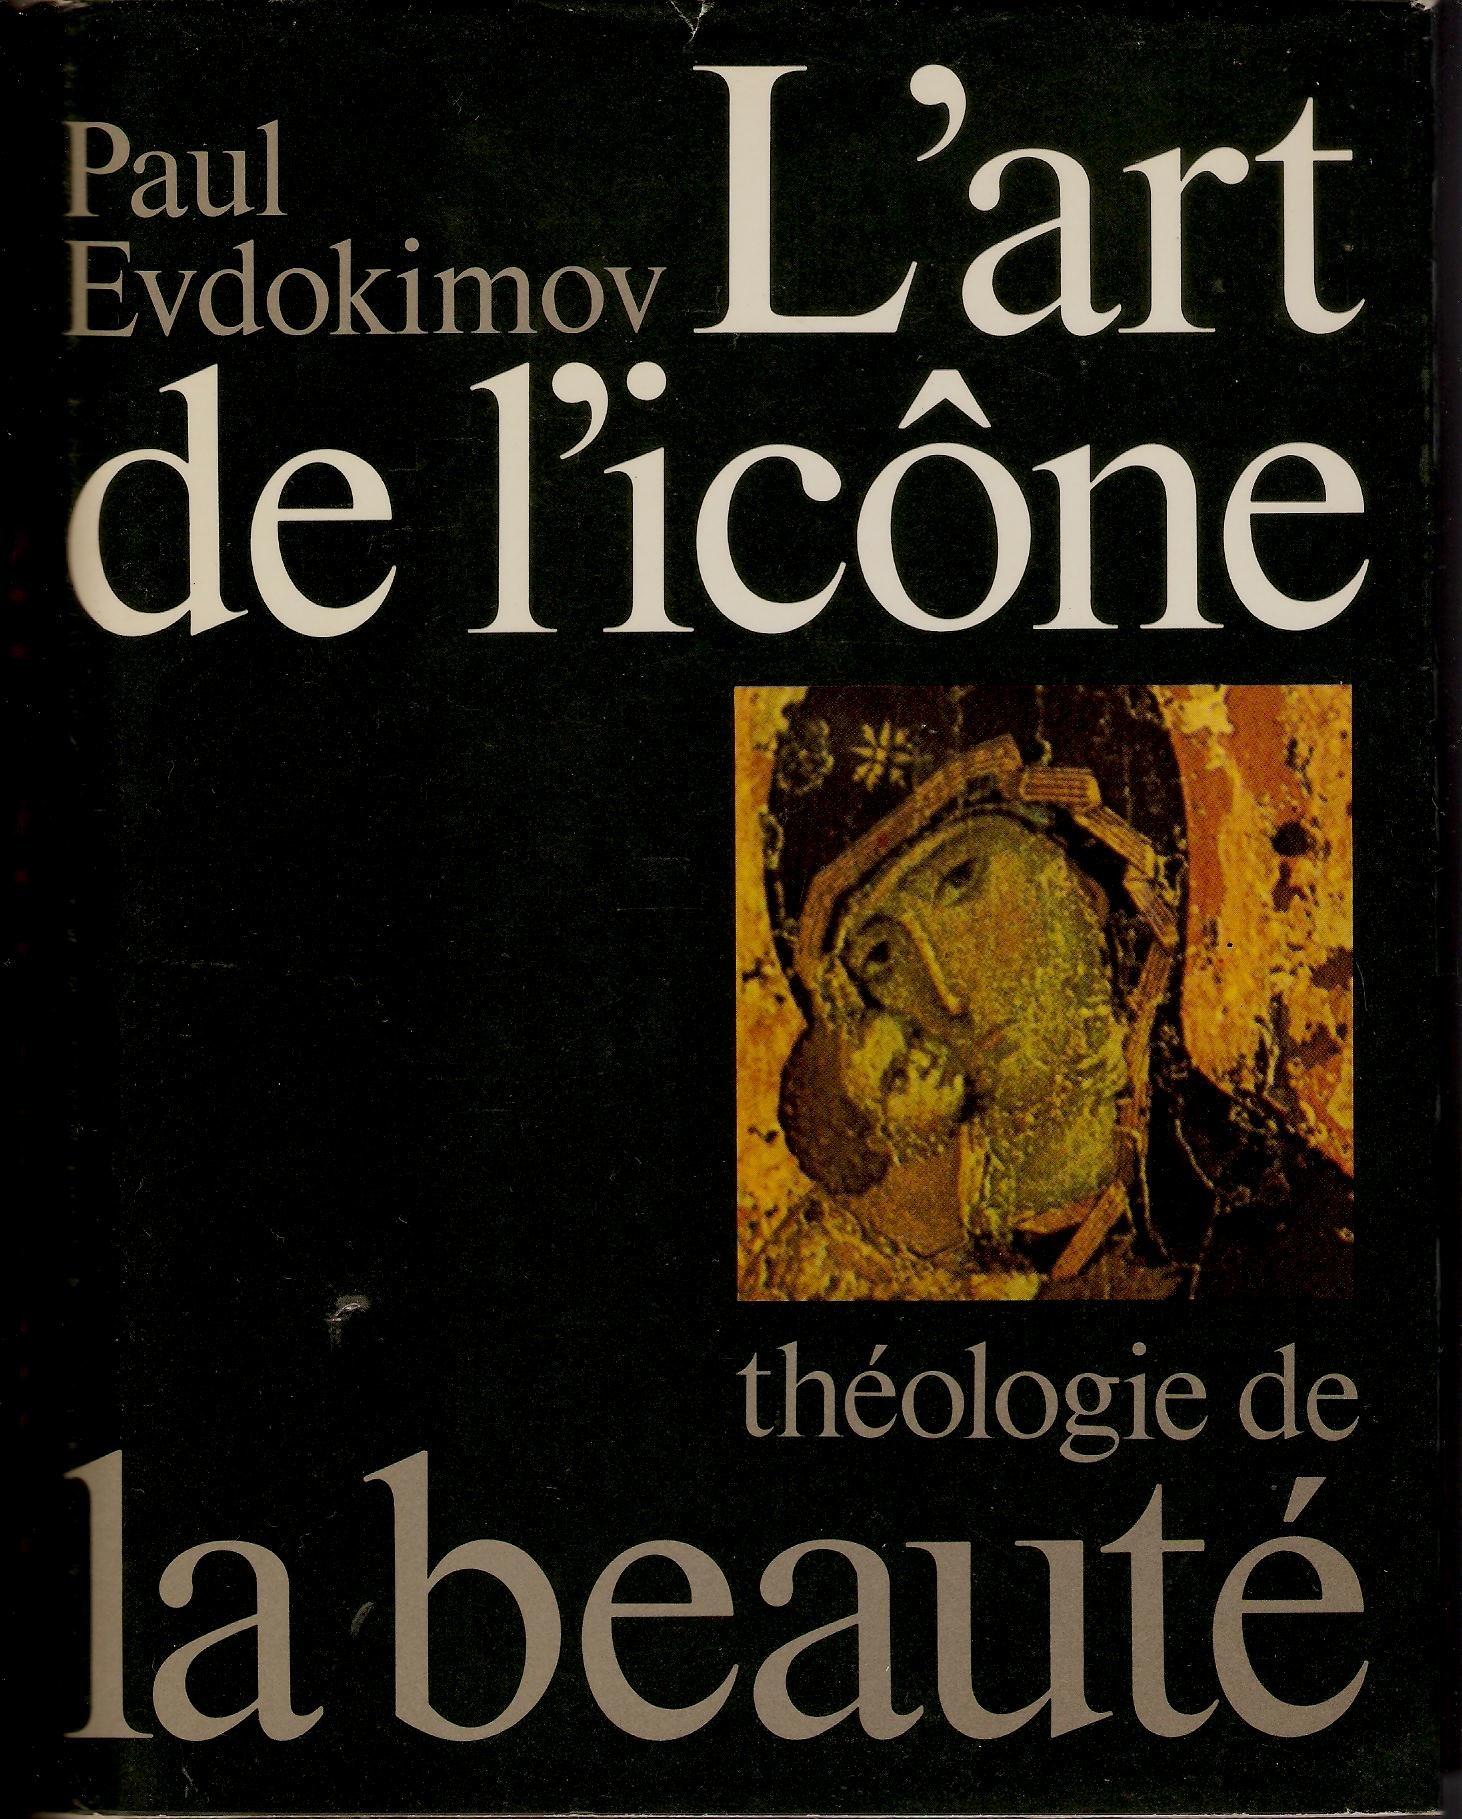 L'art de l'icône : Théologie de la beauté Relié – 4 septembre 1990 Paul Evdokimov Desclée de Brouwer 2220023133 Beaux livres